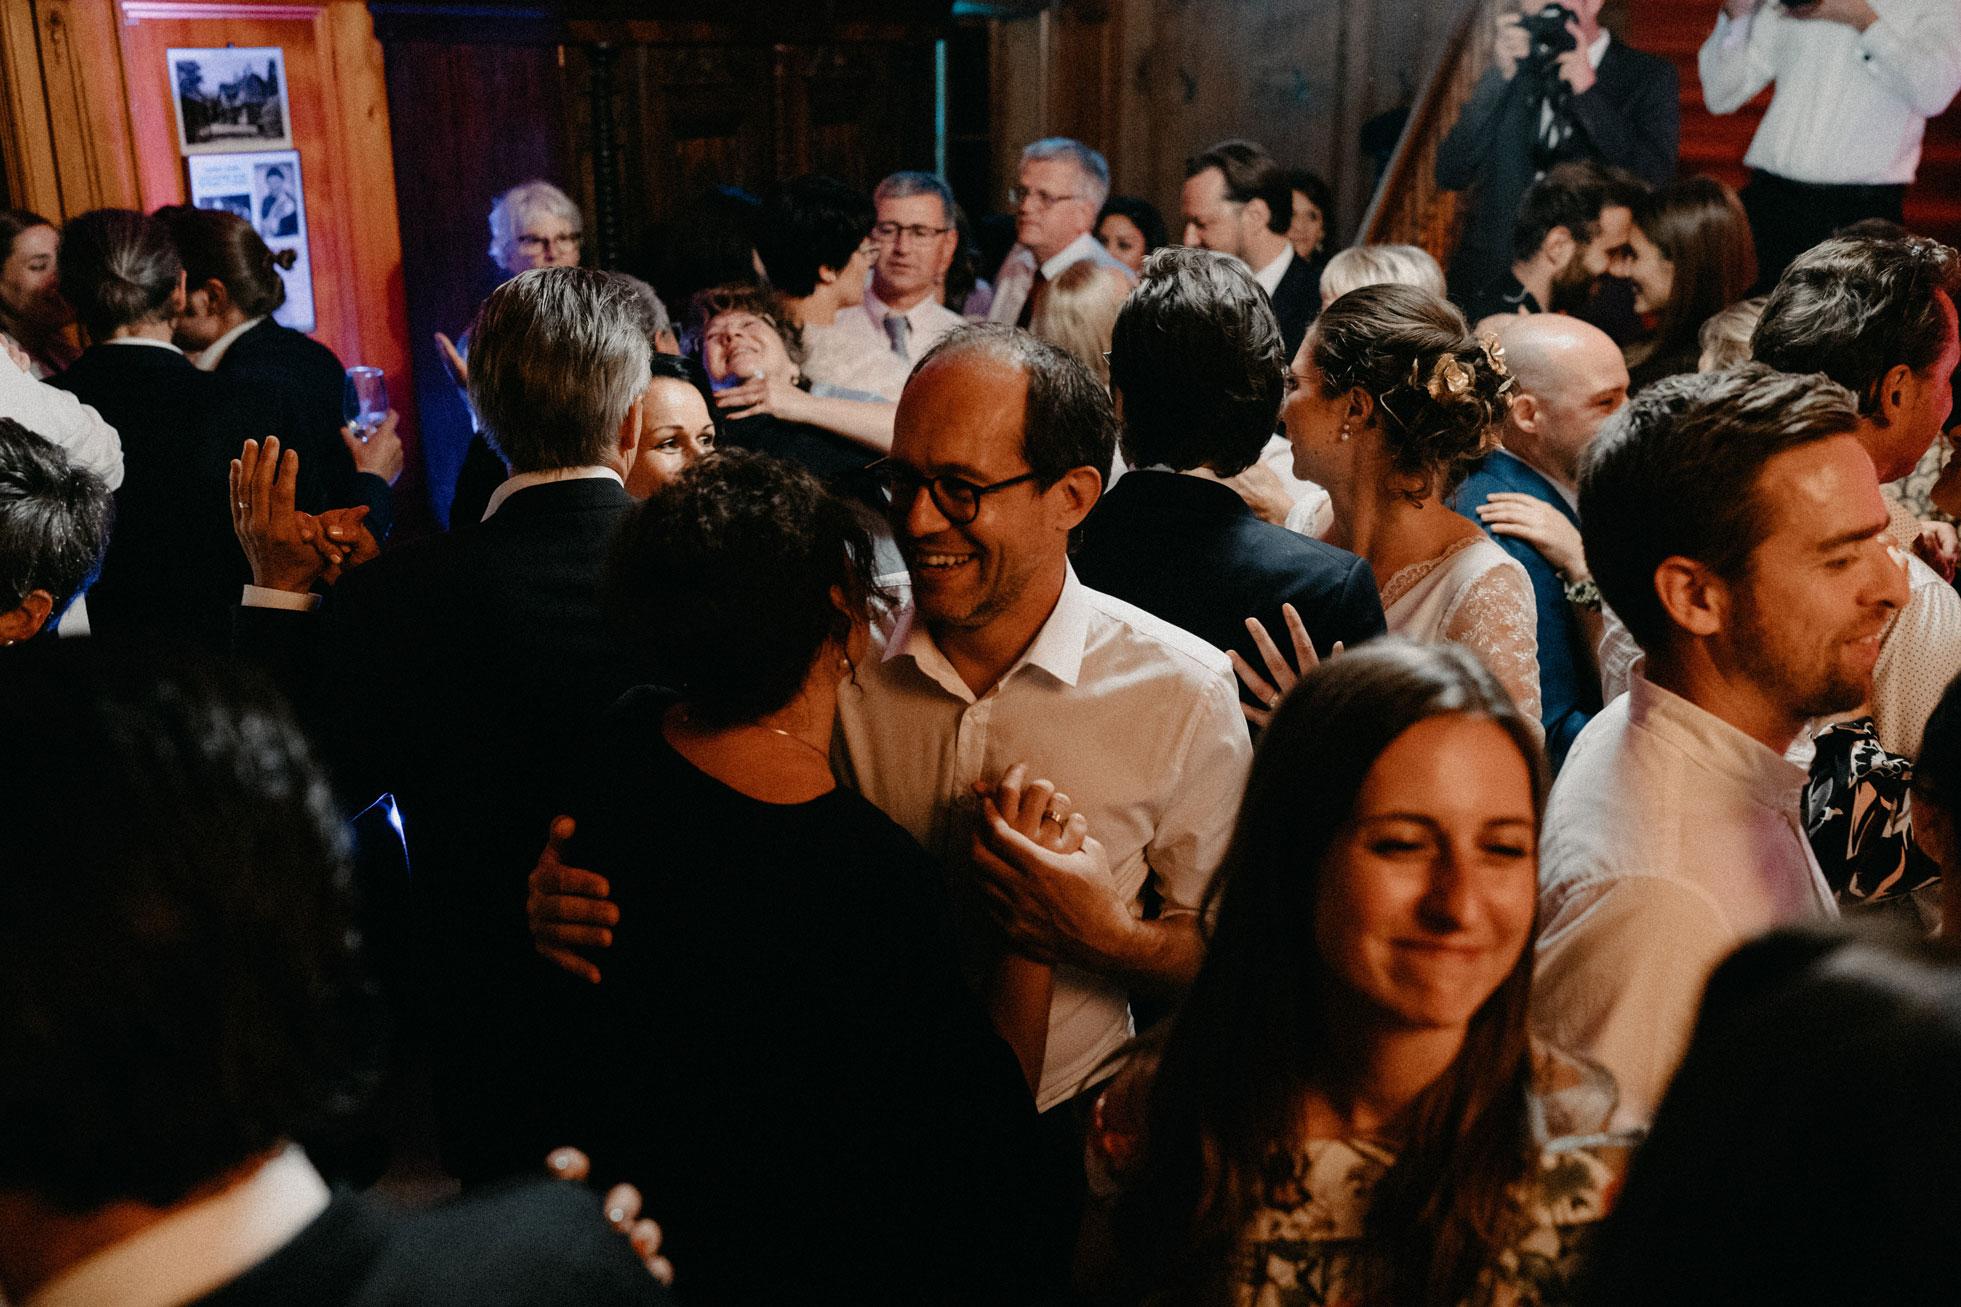 Hochzeit_Claire_Manuel_Villa_Maund_Daniel_Jenny-585.jpg